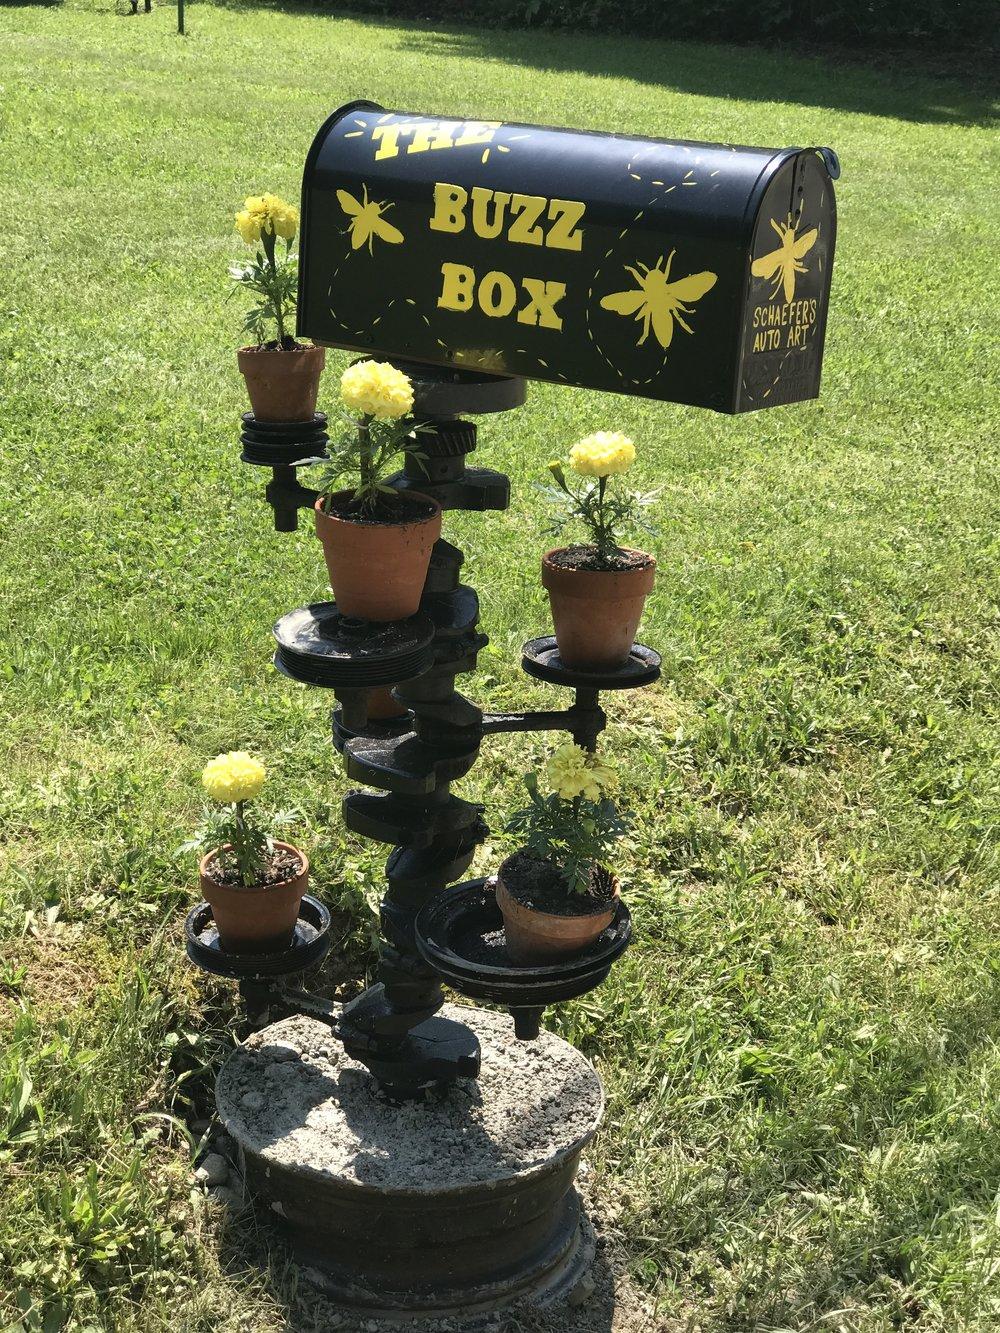 Final setup for The Buzz Box at Schaefer's Auto Art.JPG